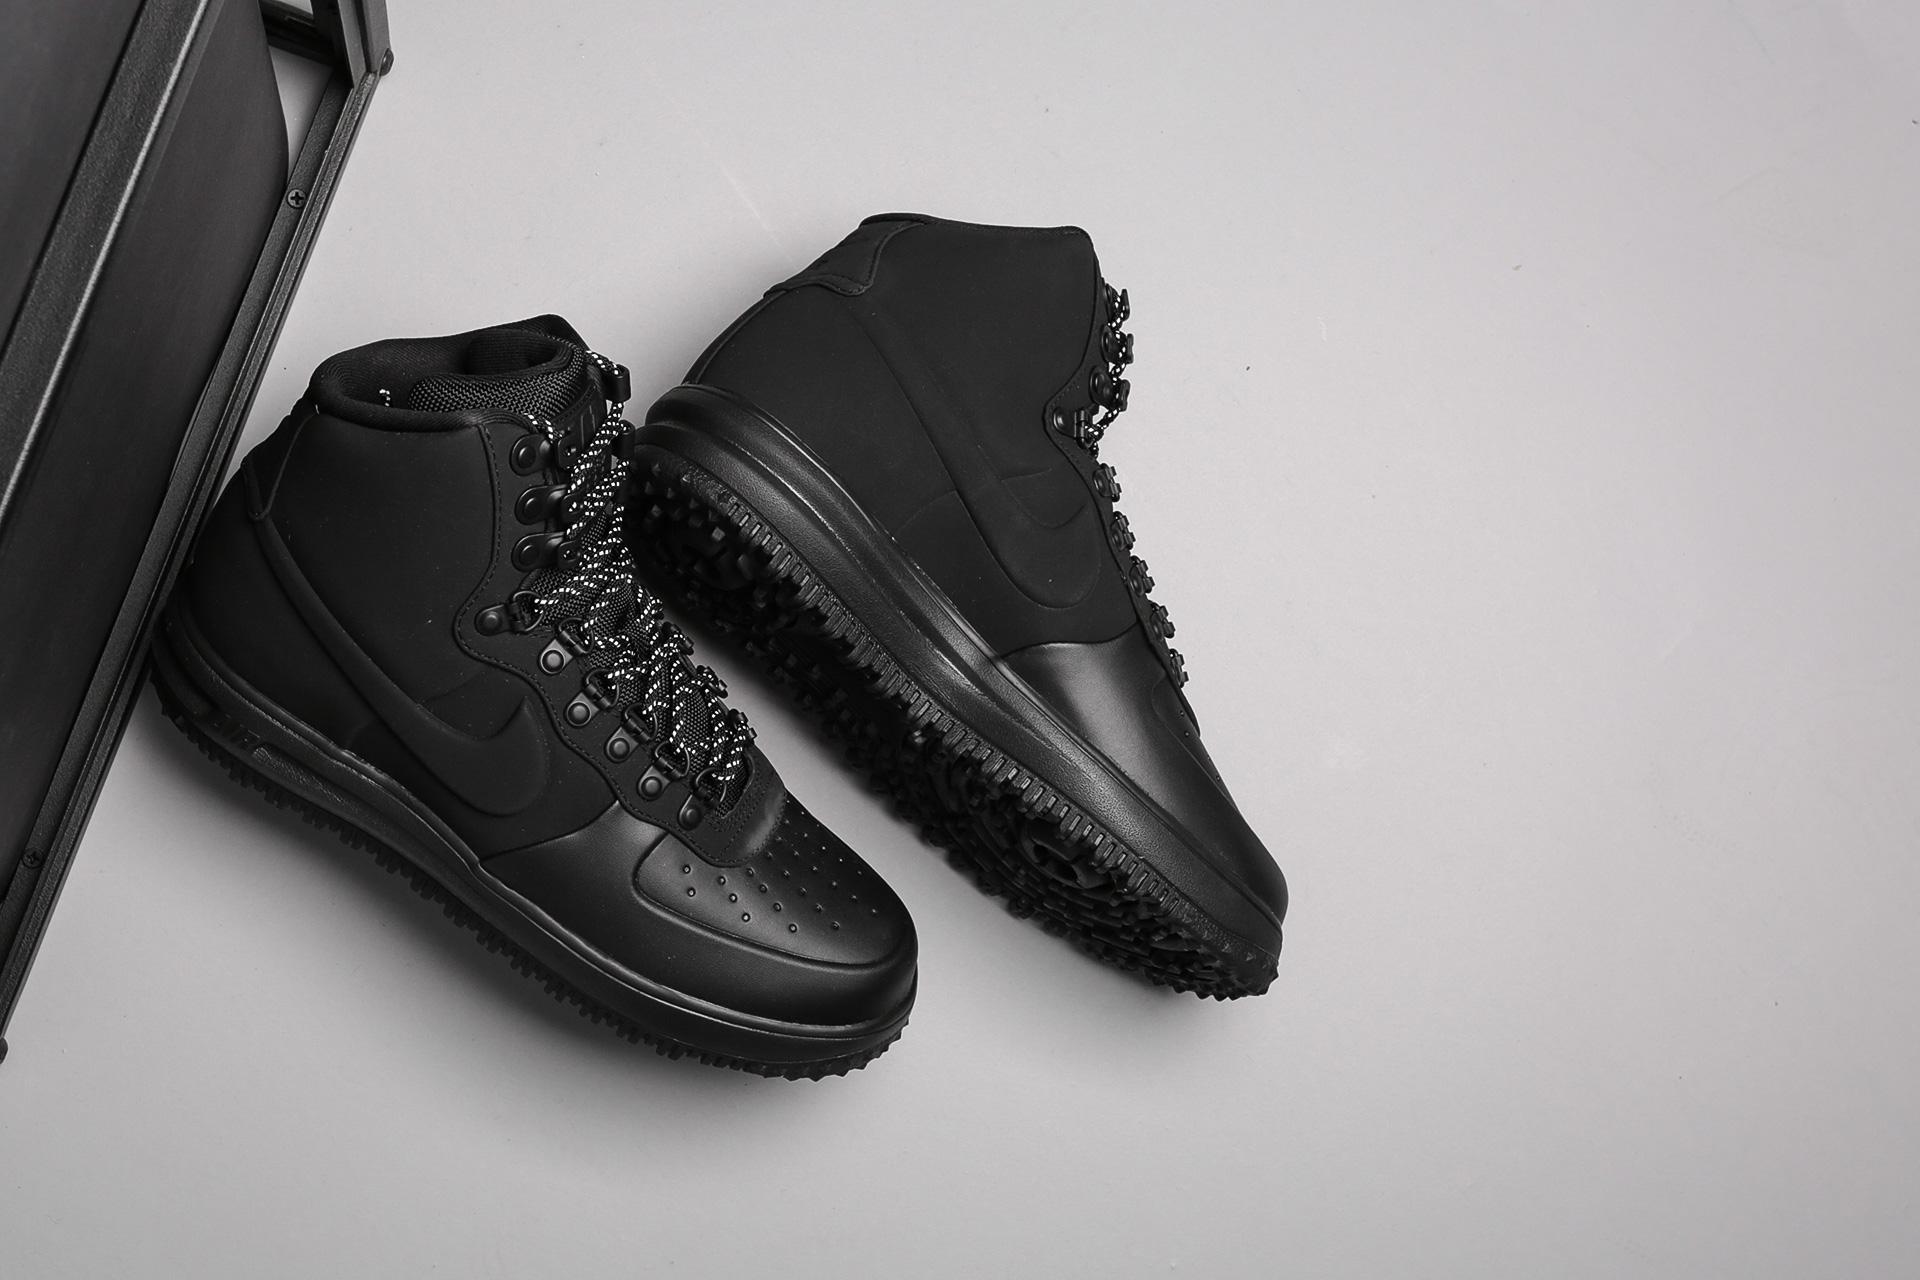 1c5cdda0 Купить чёрные мужские кроссовки Lunar Force 1 Duckboot '18 от Nike ...